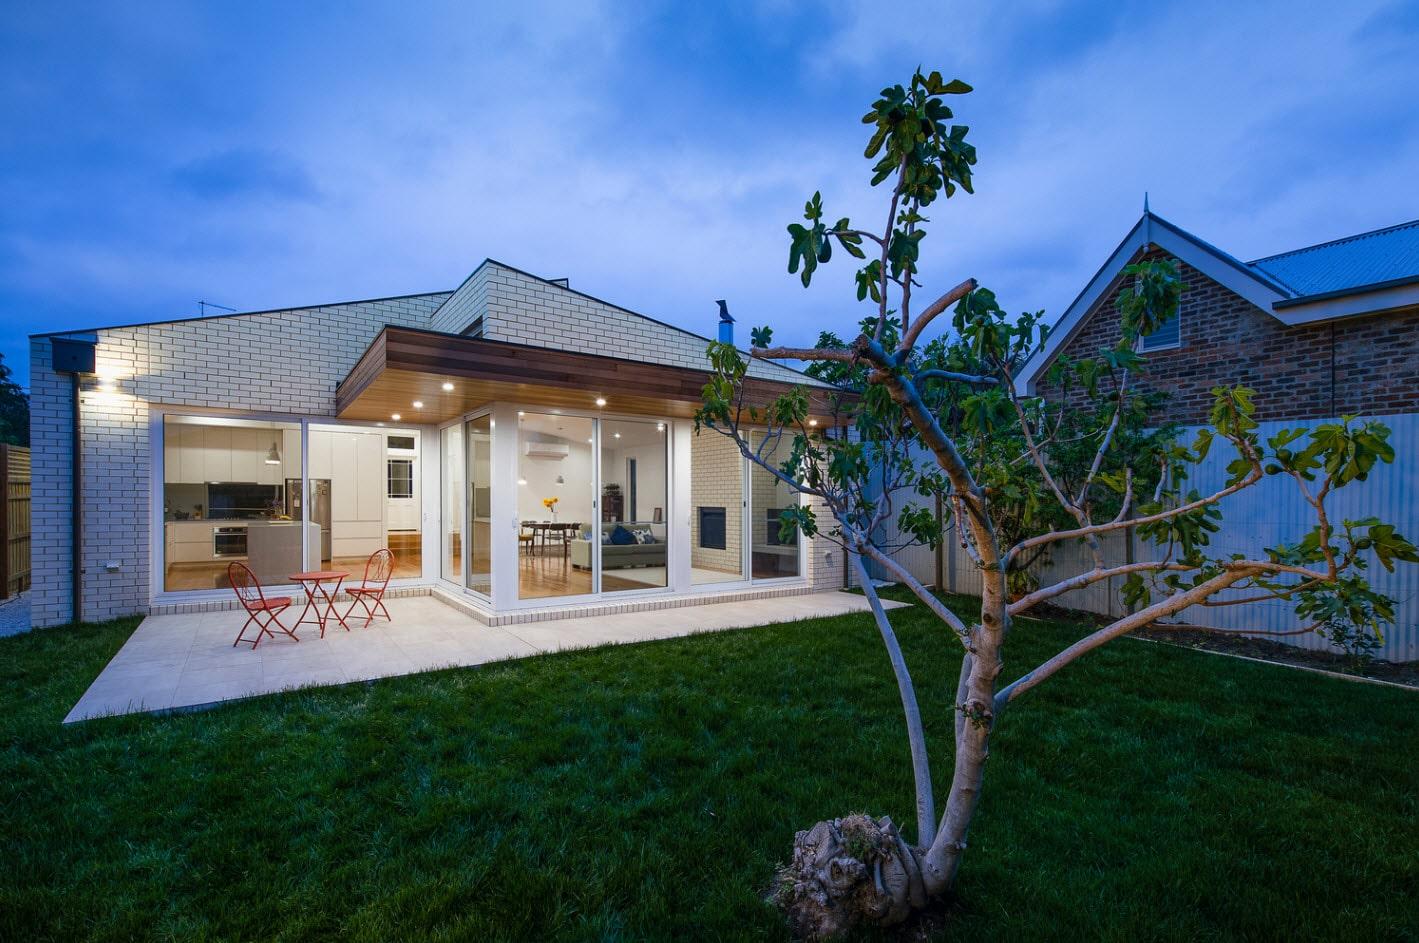 Dise o de casa moderna de un piso planos y fachadas - Fachadas de casas modernas planta baja ...